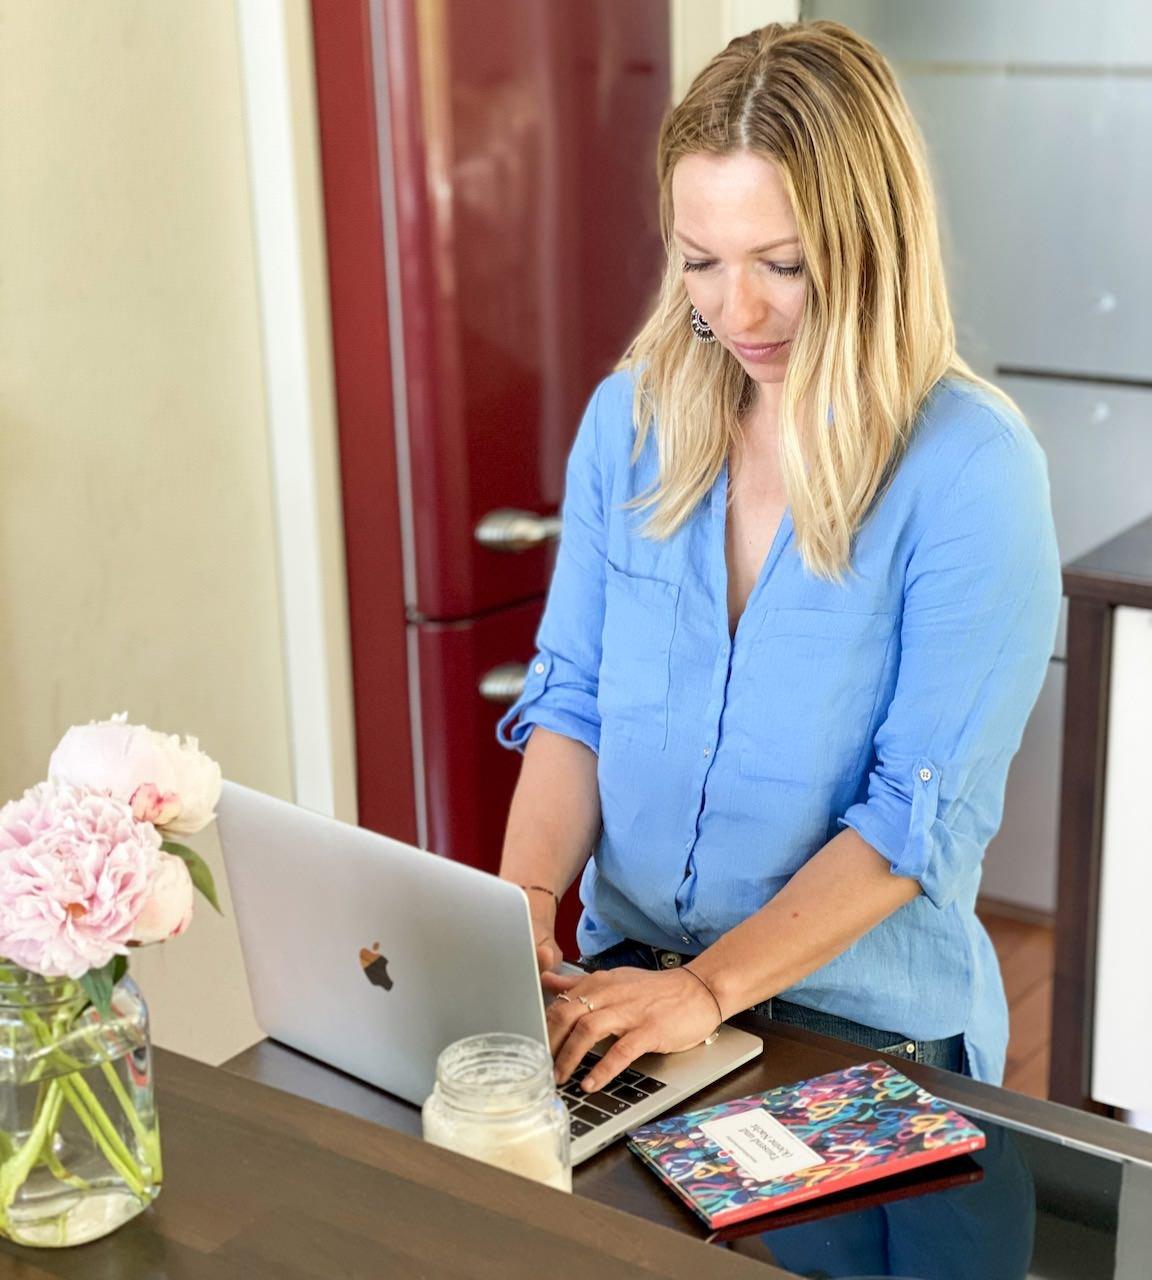 Arbeiten von daheim aus. Die moderne Hausfrau - nicht immer ist alles Rosarot.